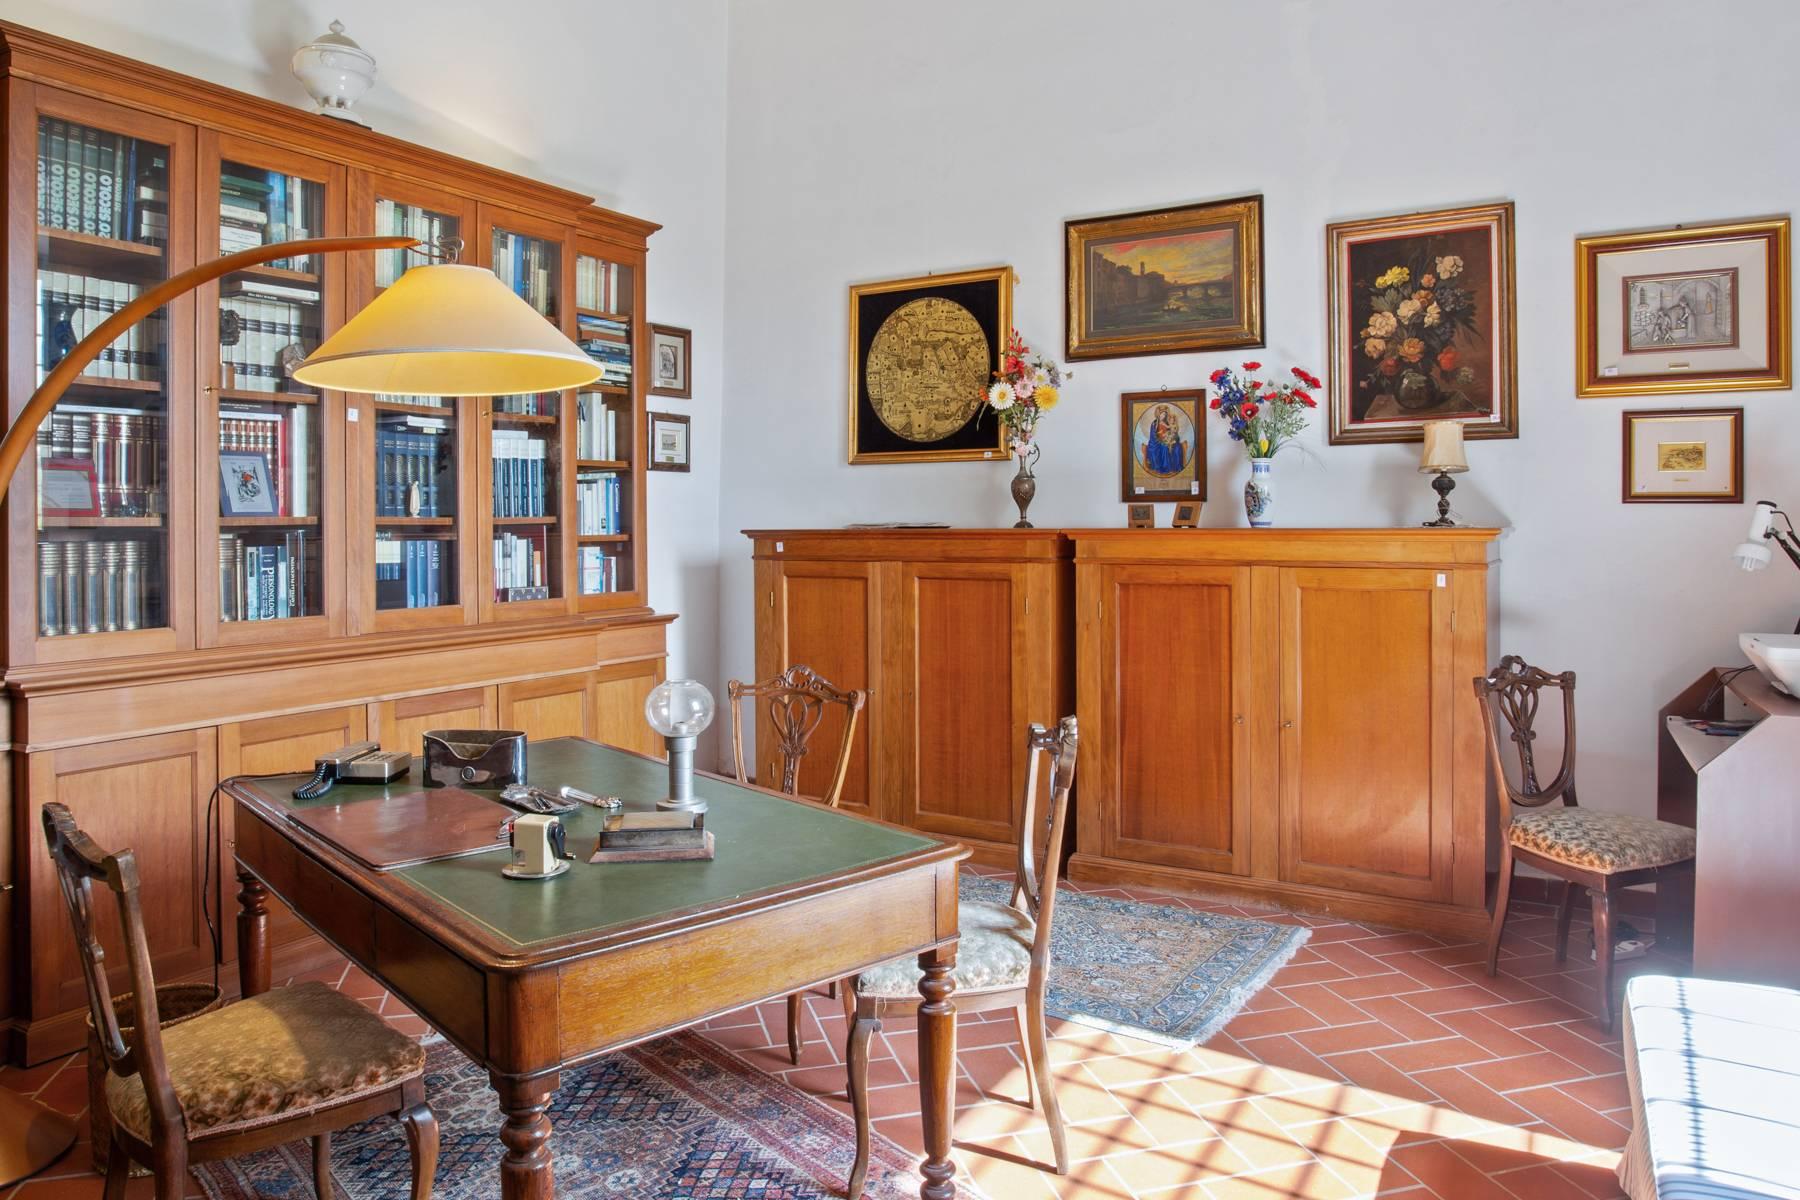 Schöne Wohnung in historischer Villa aus dem 16. Jahrhundert mit Garten - 6